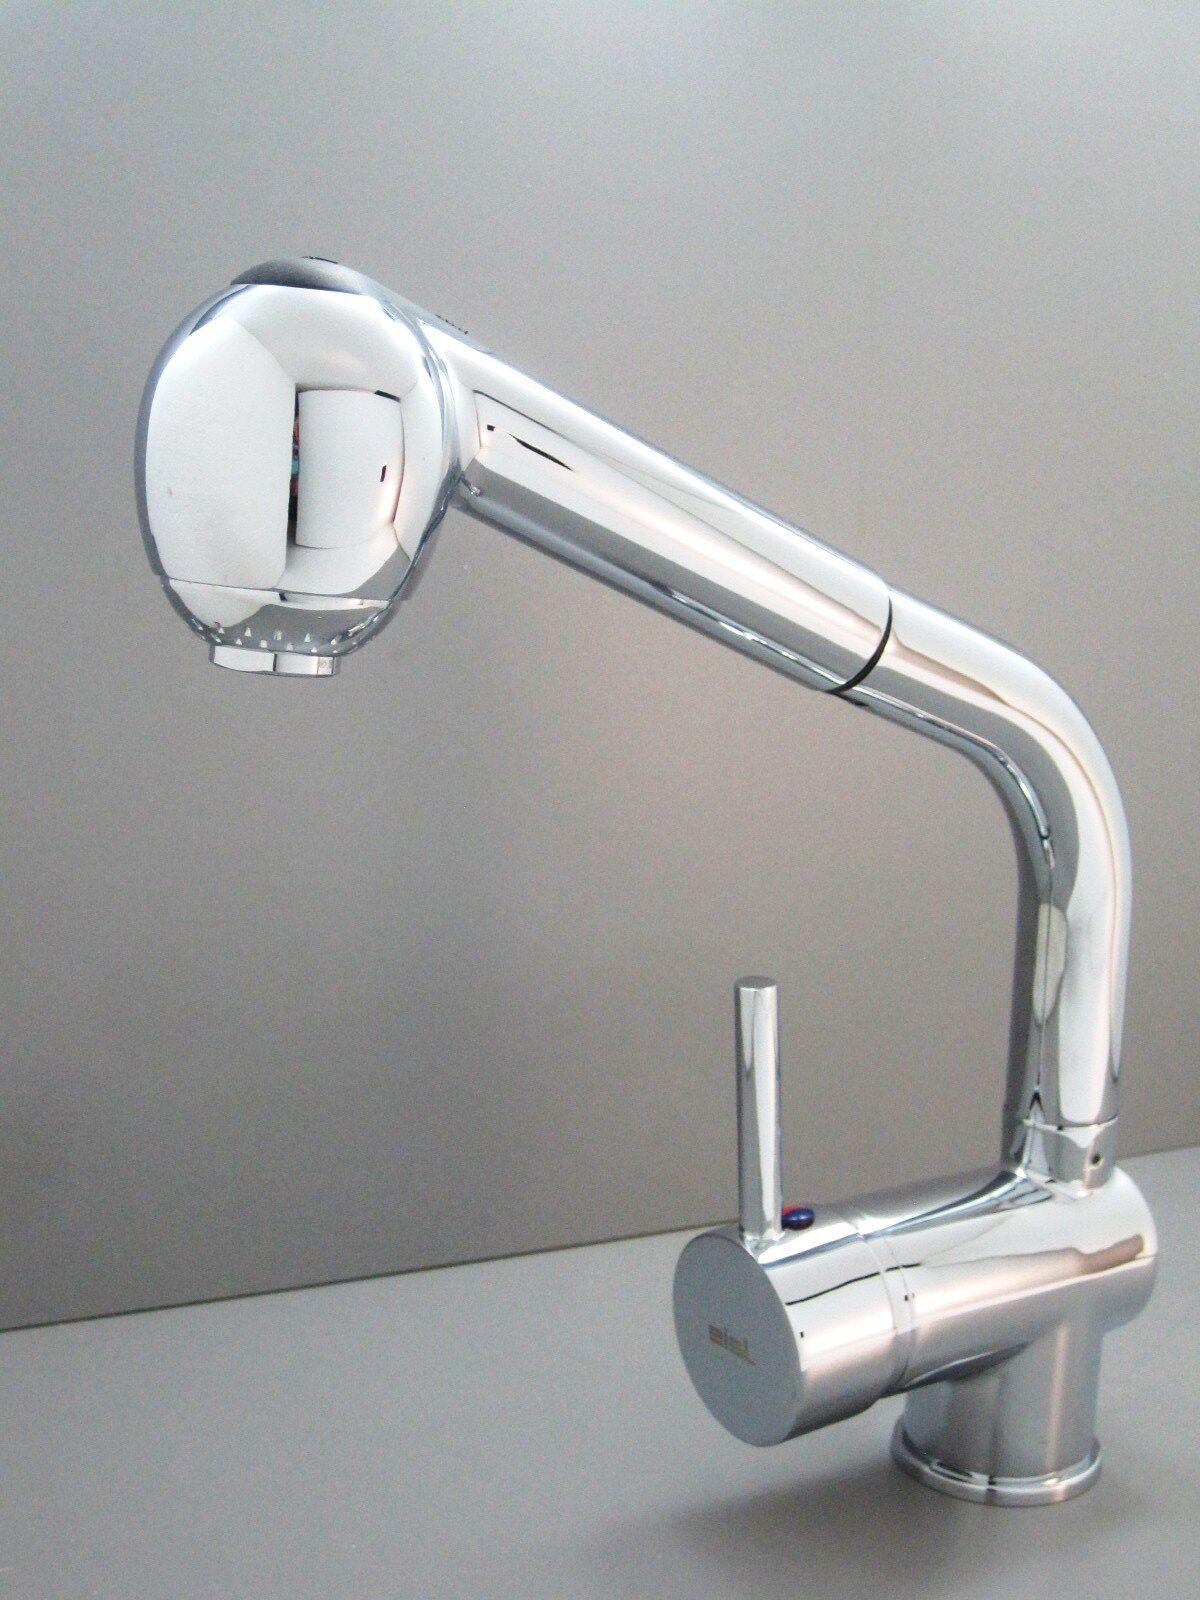 Küchenarmatur Brausenarmatur Küchen Mischbatterie Einhandmischer mit Brause | Tragen-wider  | Queensland  | Zarte  | Erste Qualität